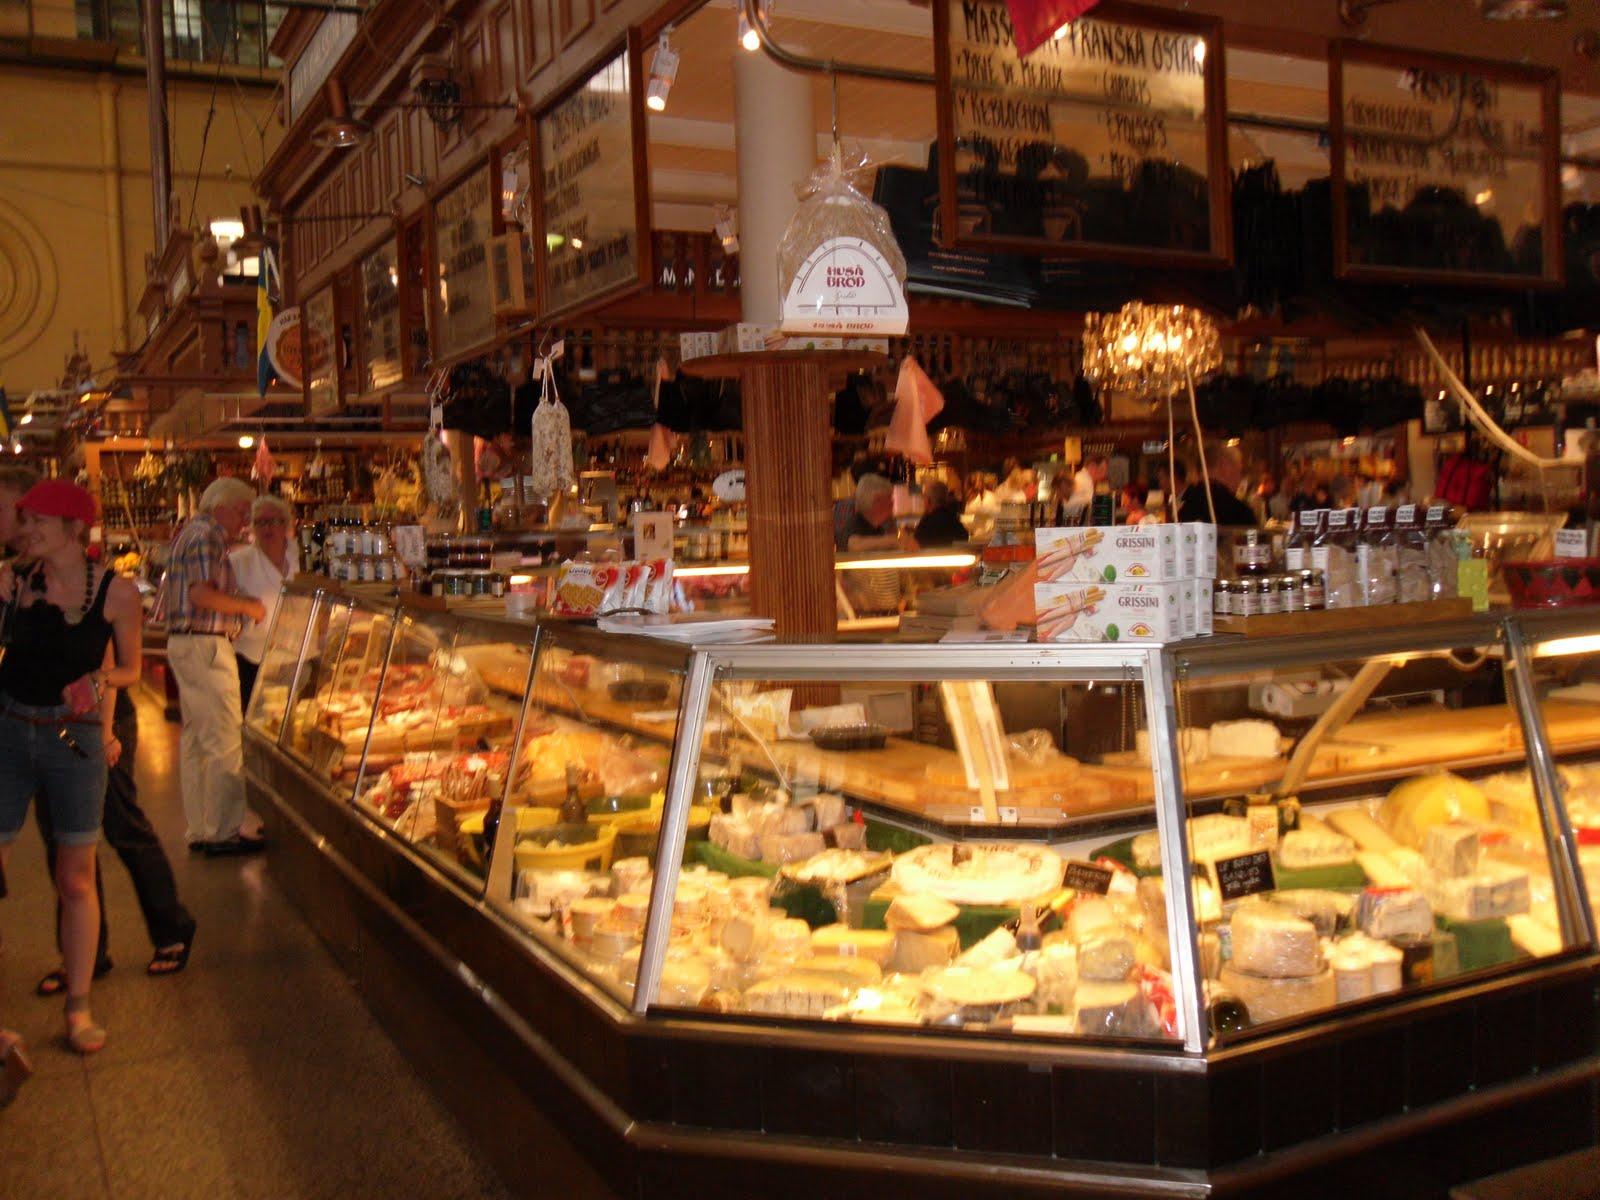 Piaţa închisă Saluhall din Ostermalm unde poţi găsi cele mai bune Blue Cheese din Stockholm